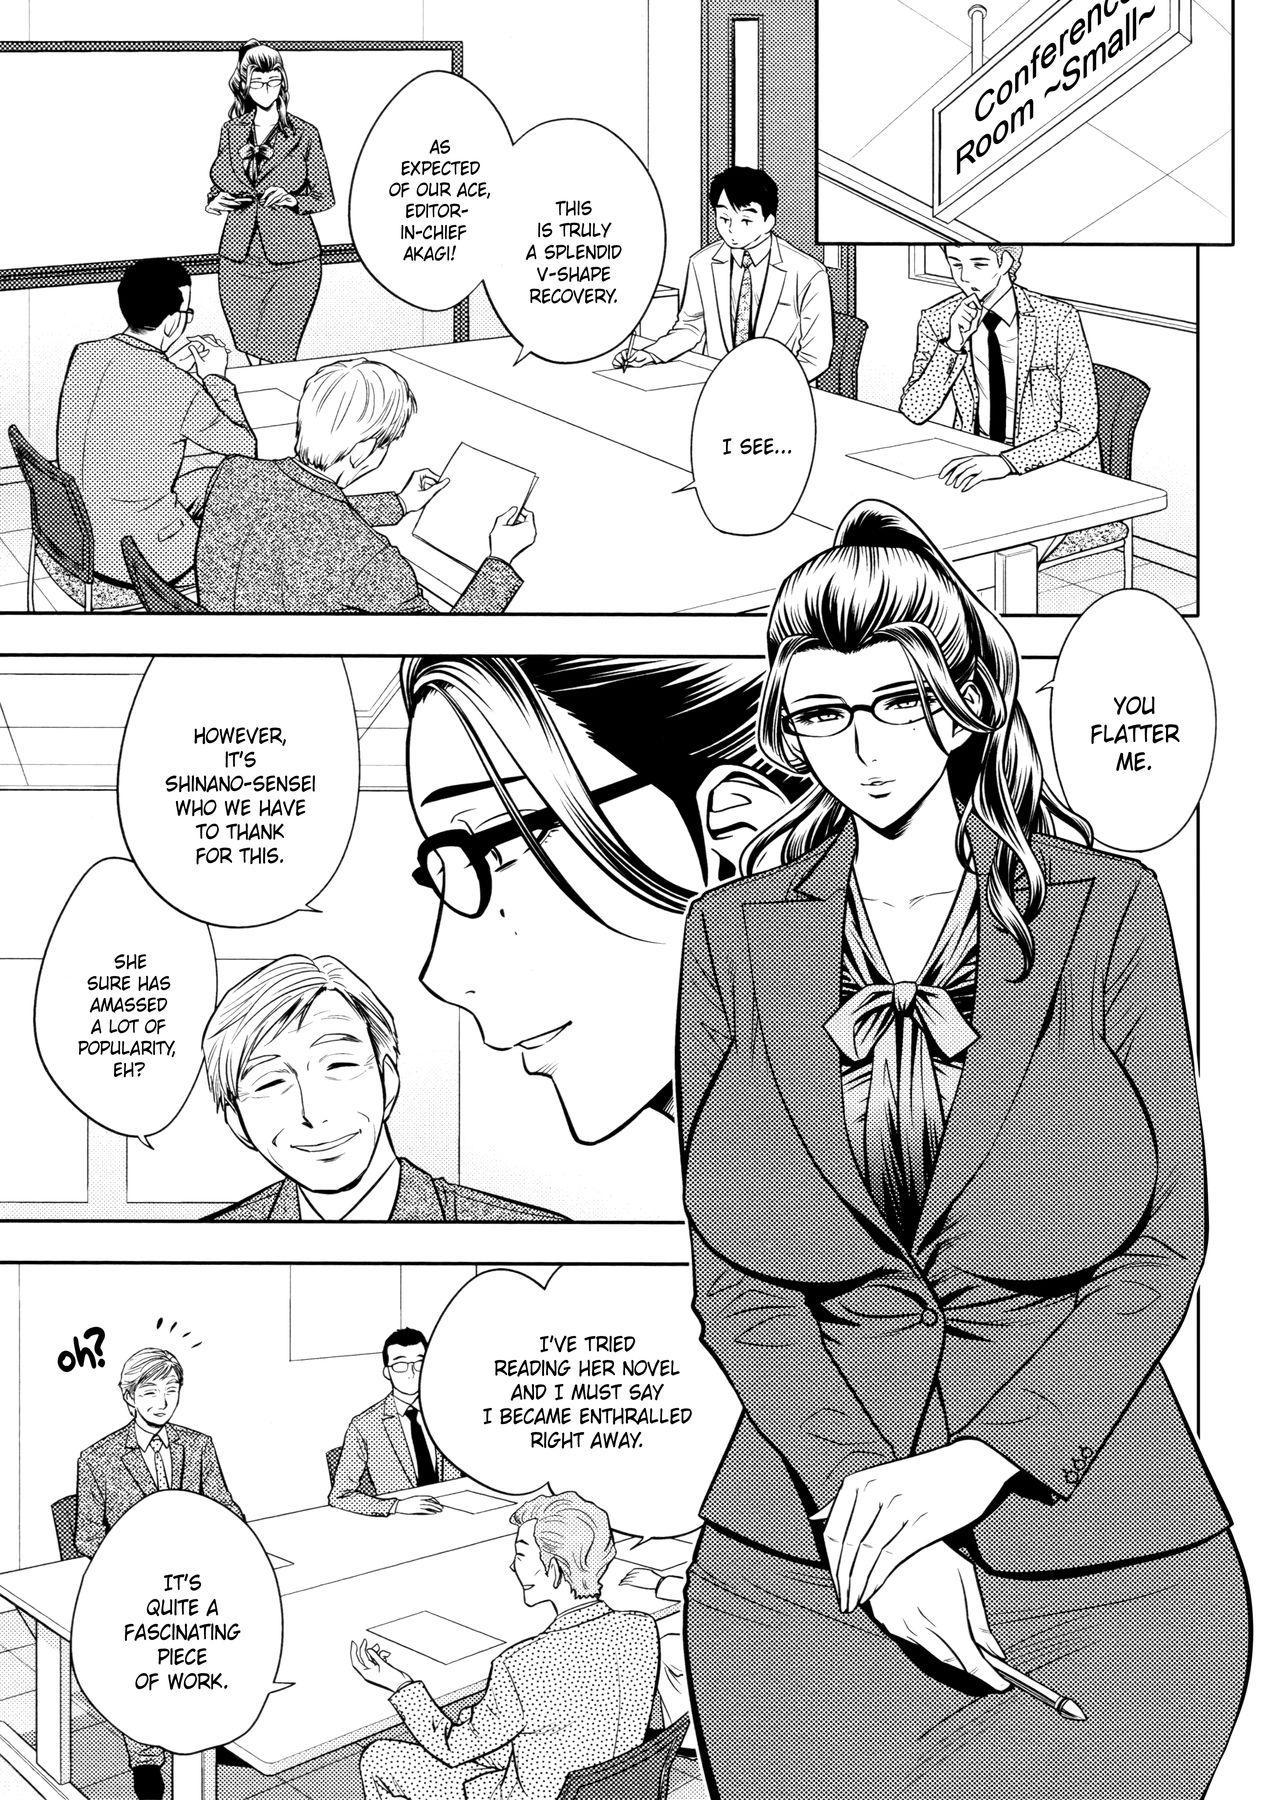 [Tatsunami Youtoku, Yamazaki Masato] Bijin Henshuu-chou no Himitsu | Beautiful Editor-in-Chief's Secret Ch. 1-7 [English] [Forbiddenfetish77, Red Vodka, Crystalium, CEDR777] [Decensored] 132